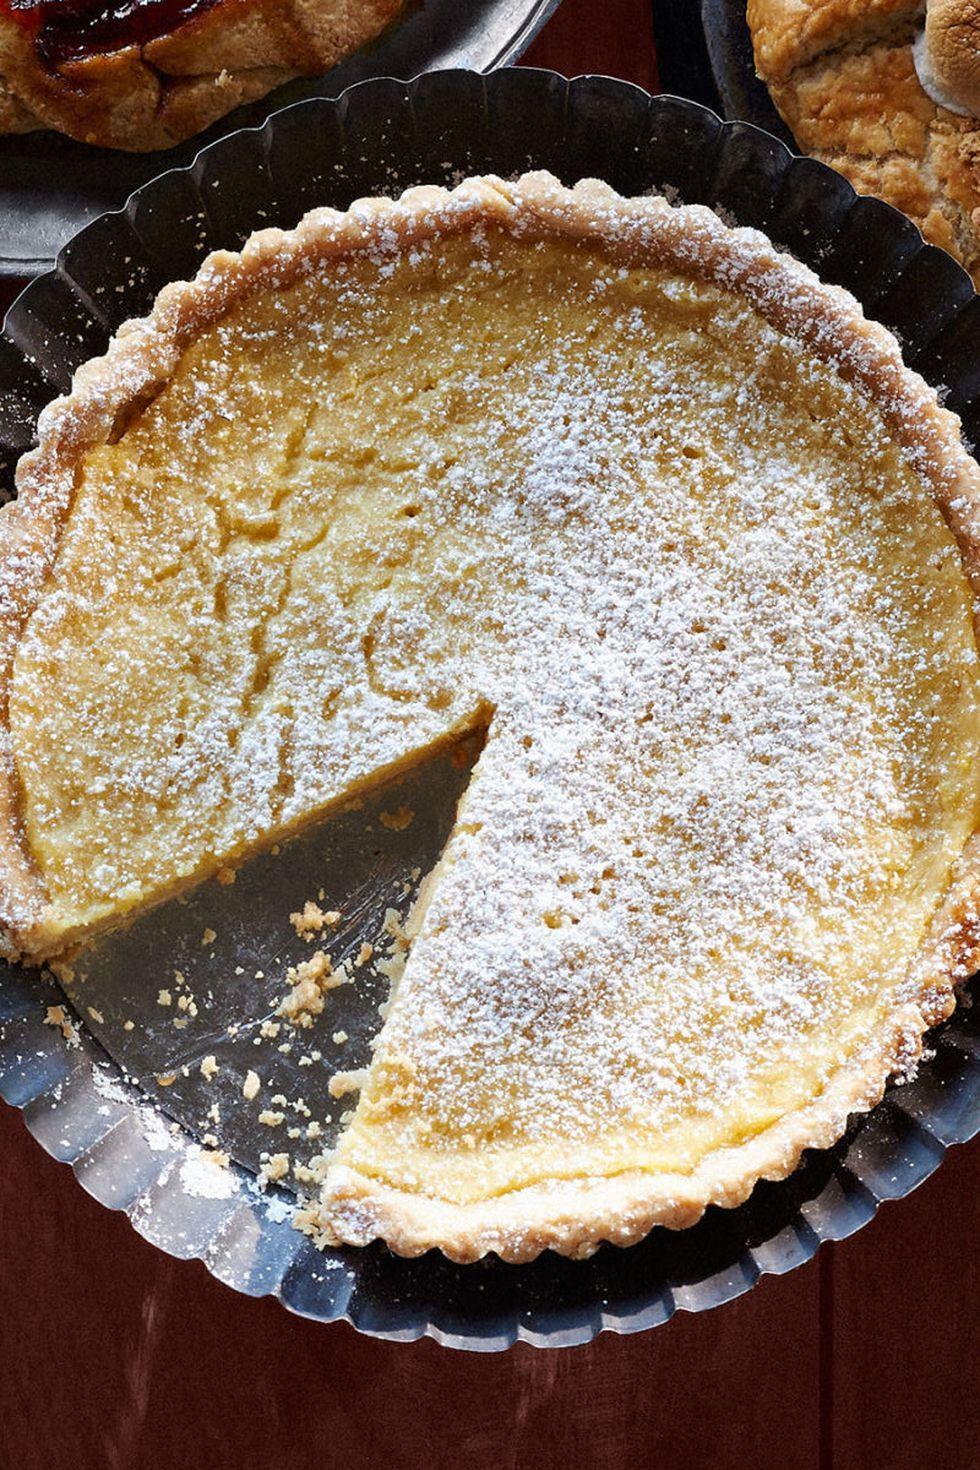 Zesty Lemon Dessert Recipes You Ll Love Lemon Dessert Recipes Lemon Desserts Thanksgiving Food Desserts